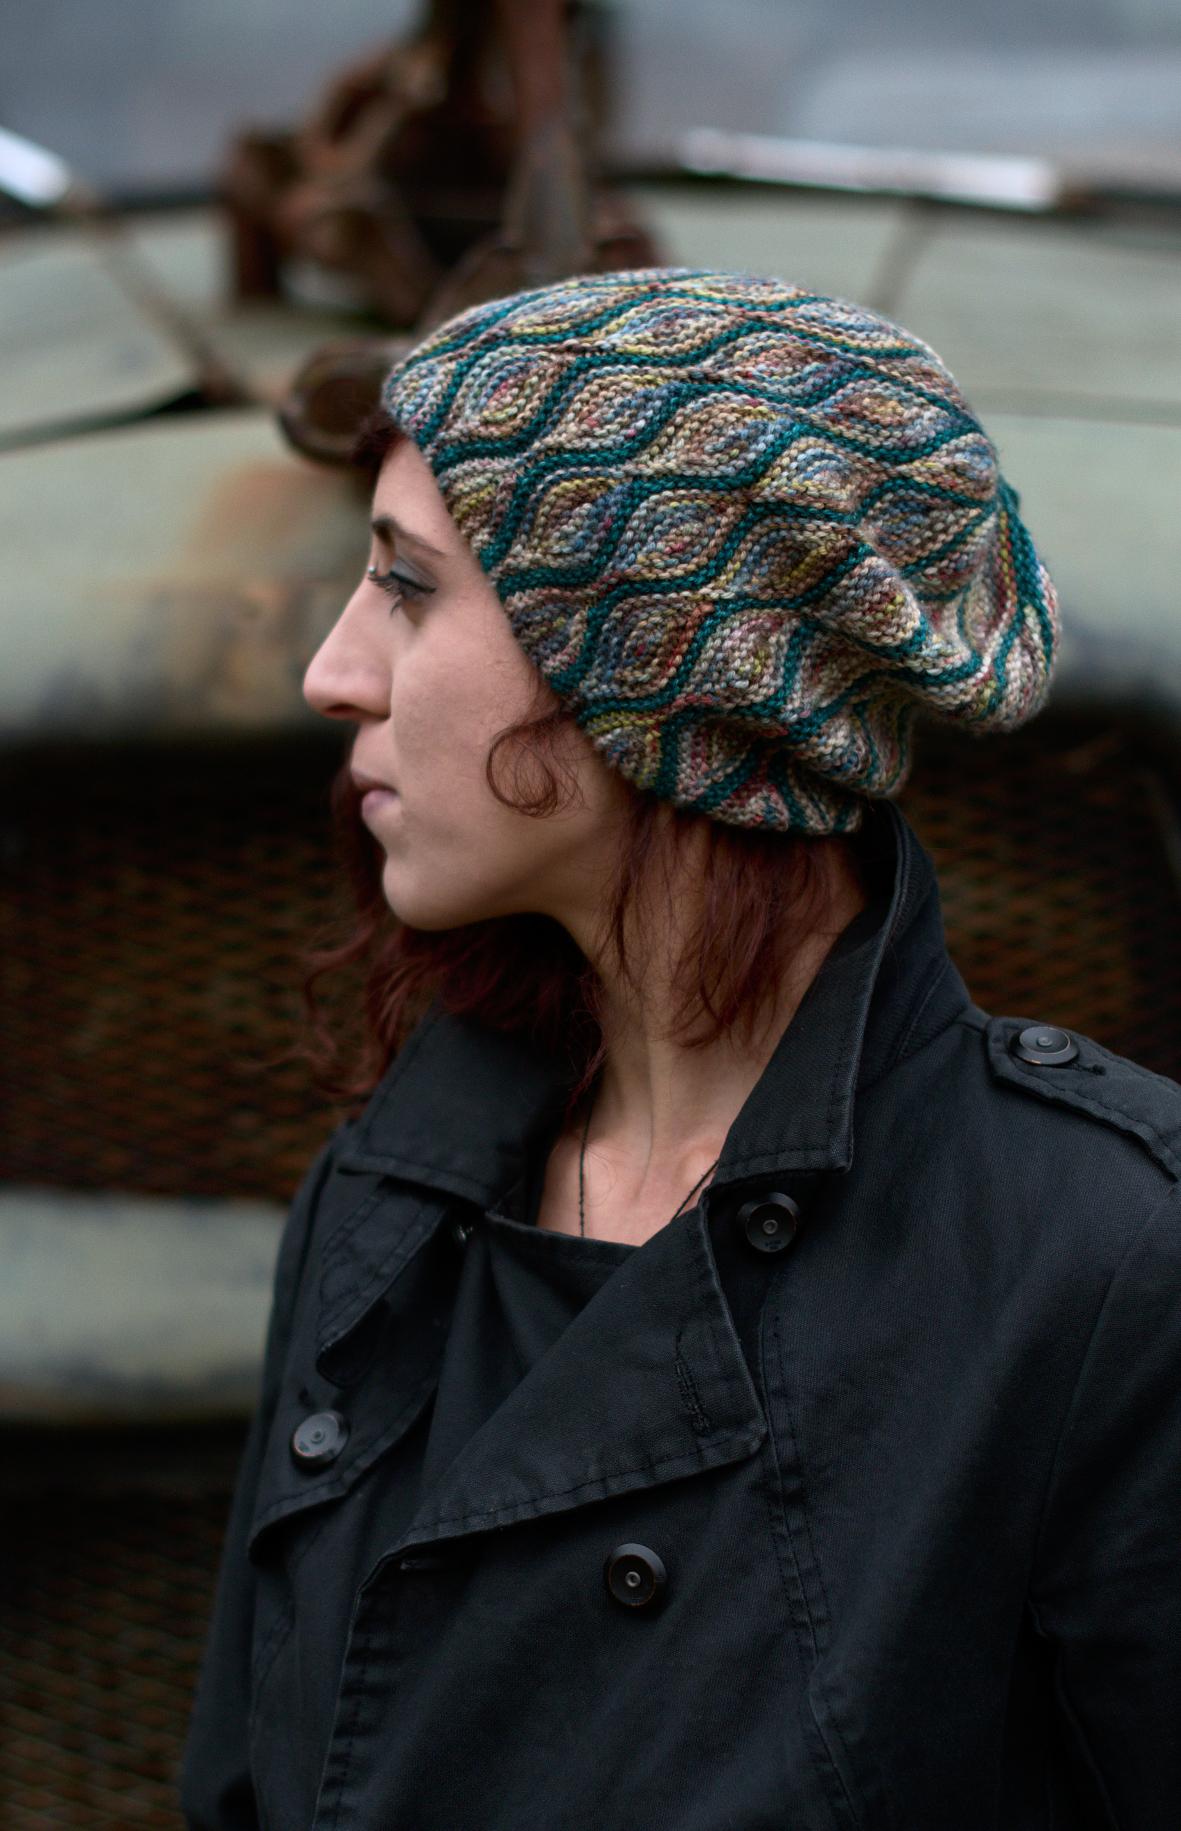 Rhinebeck hat sideways knit short row slouchy hat pattern